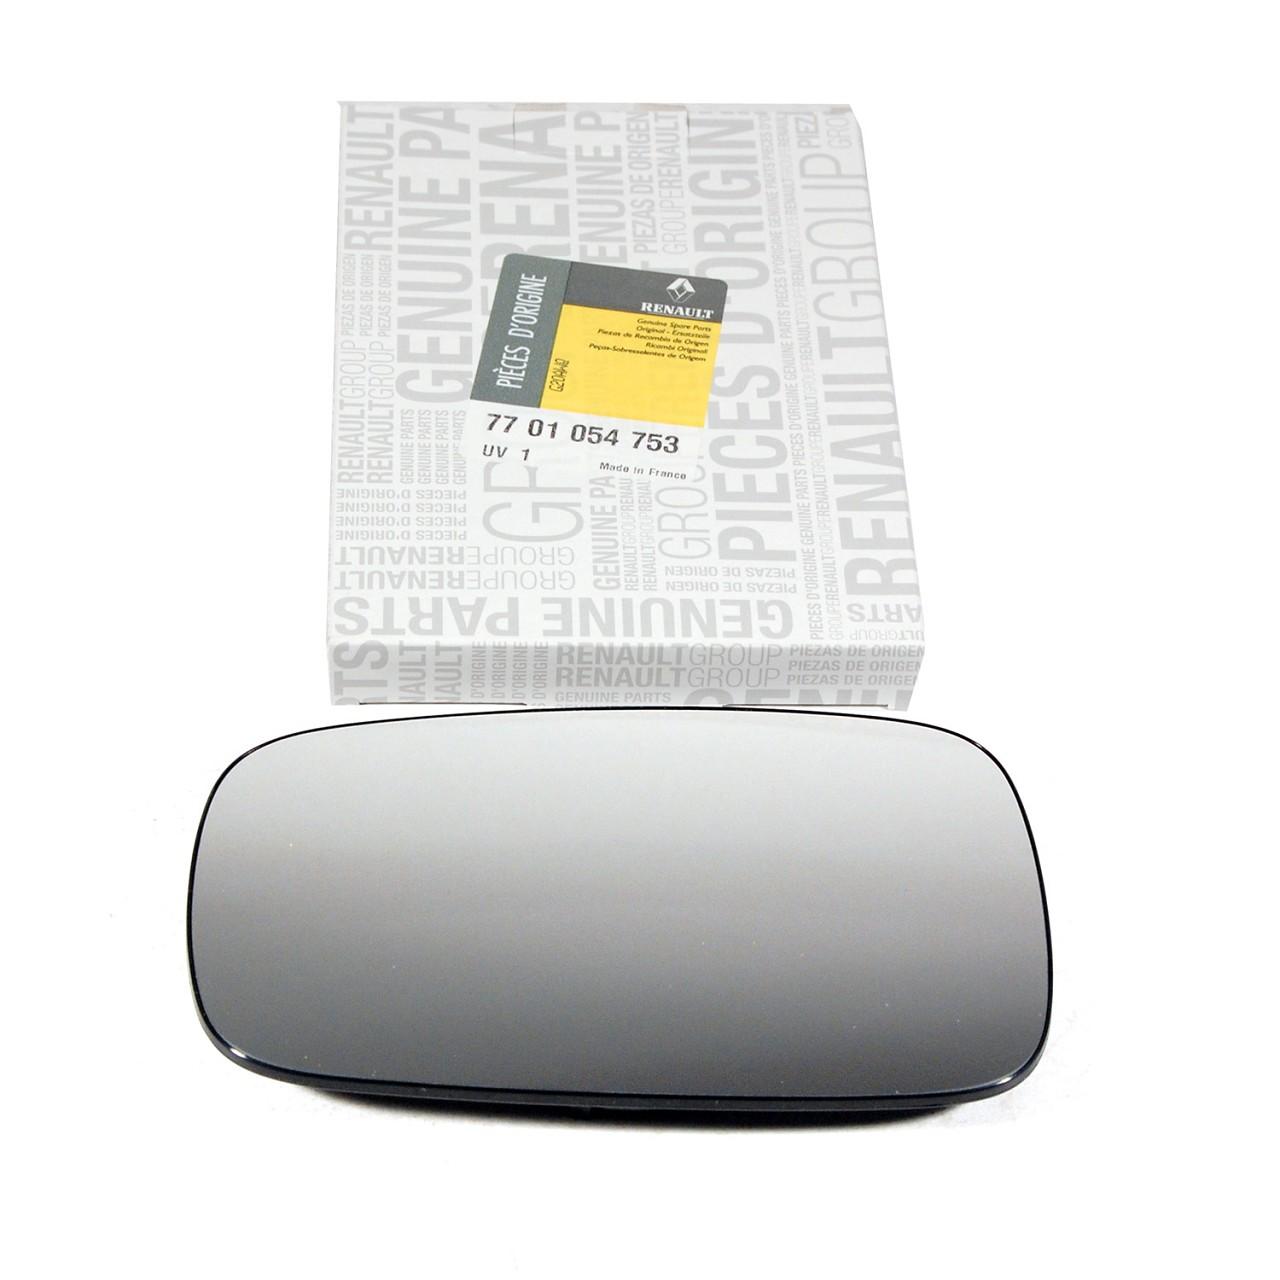 ORIGINAL Renault Außenspiegel Spiegelglas CLIO III MEGANE II SCENIC II rechts